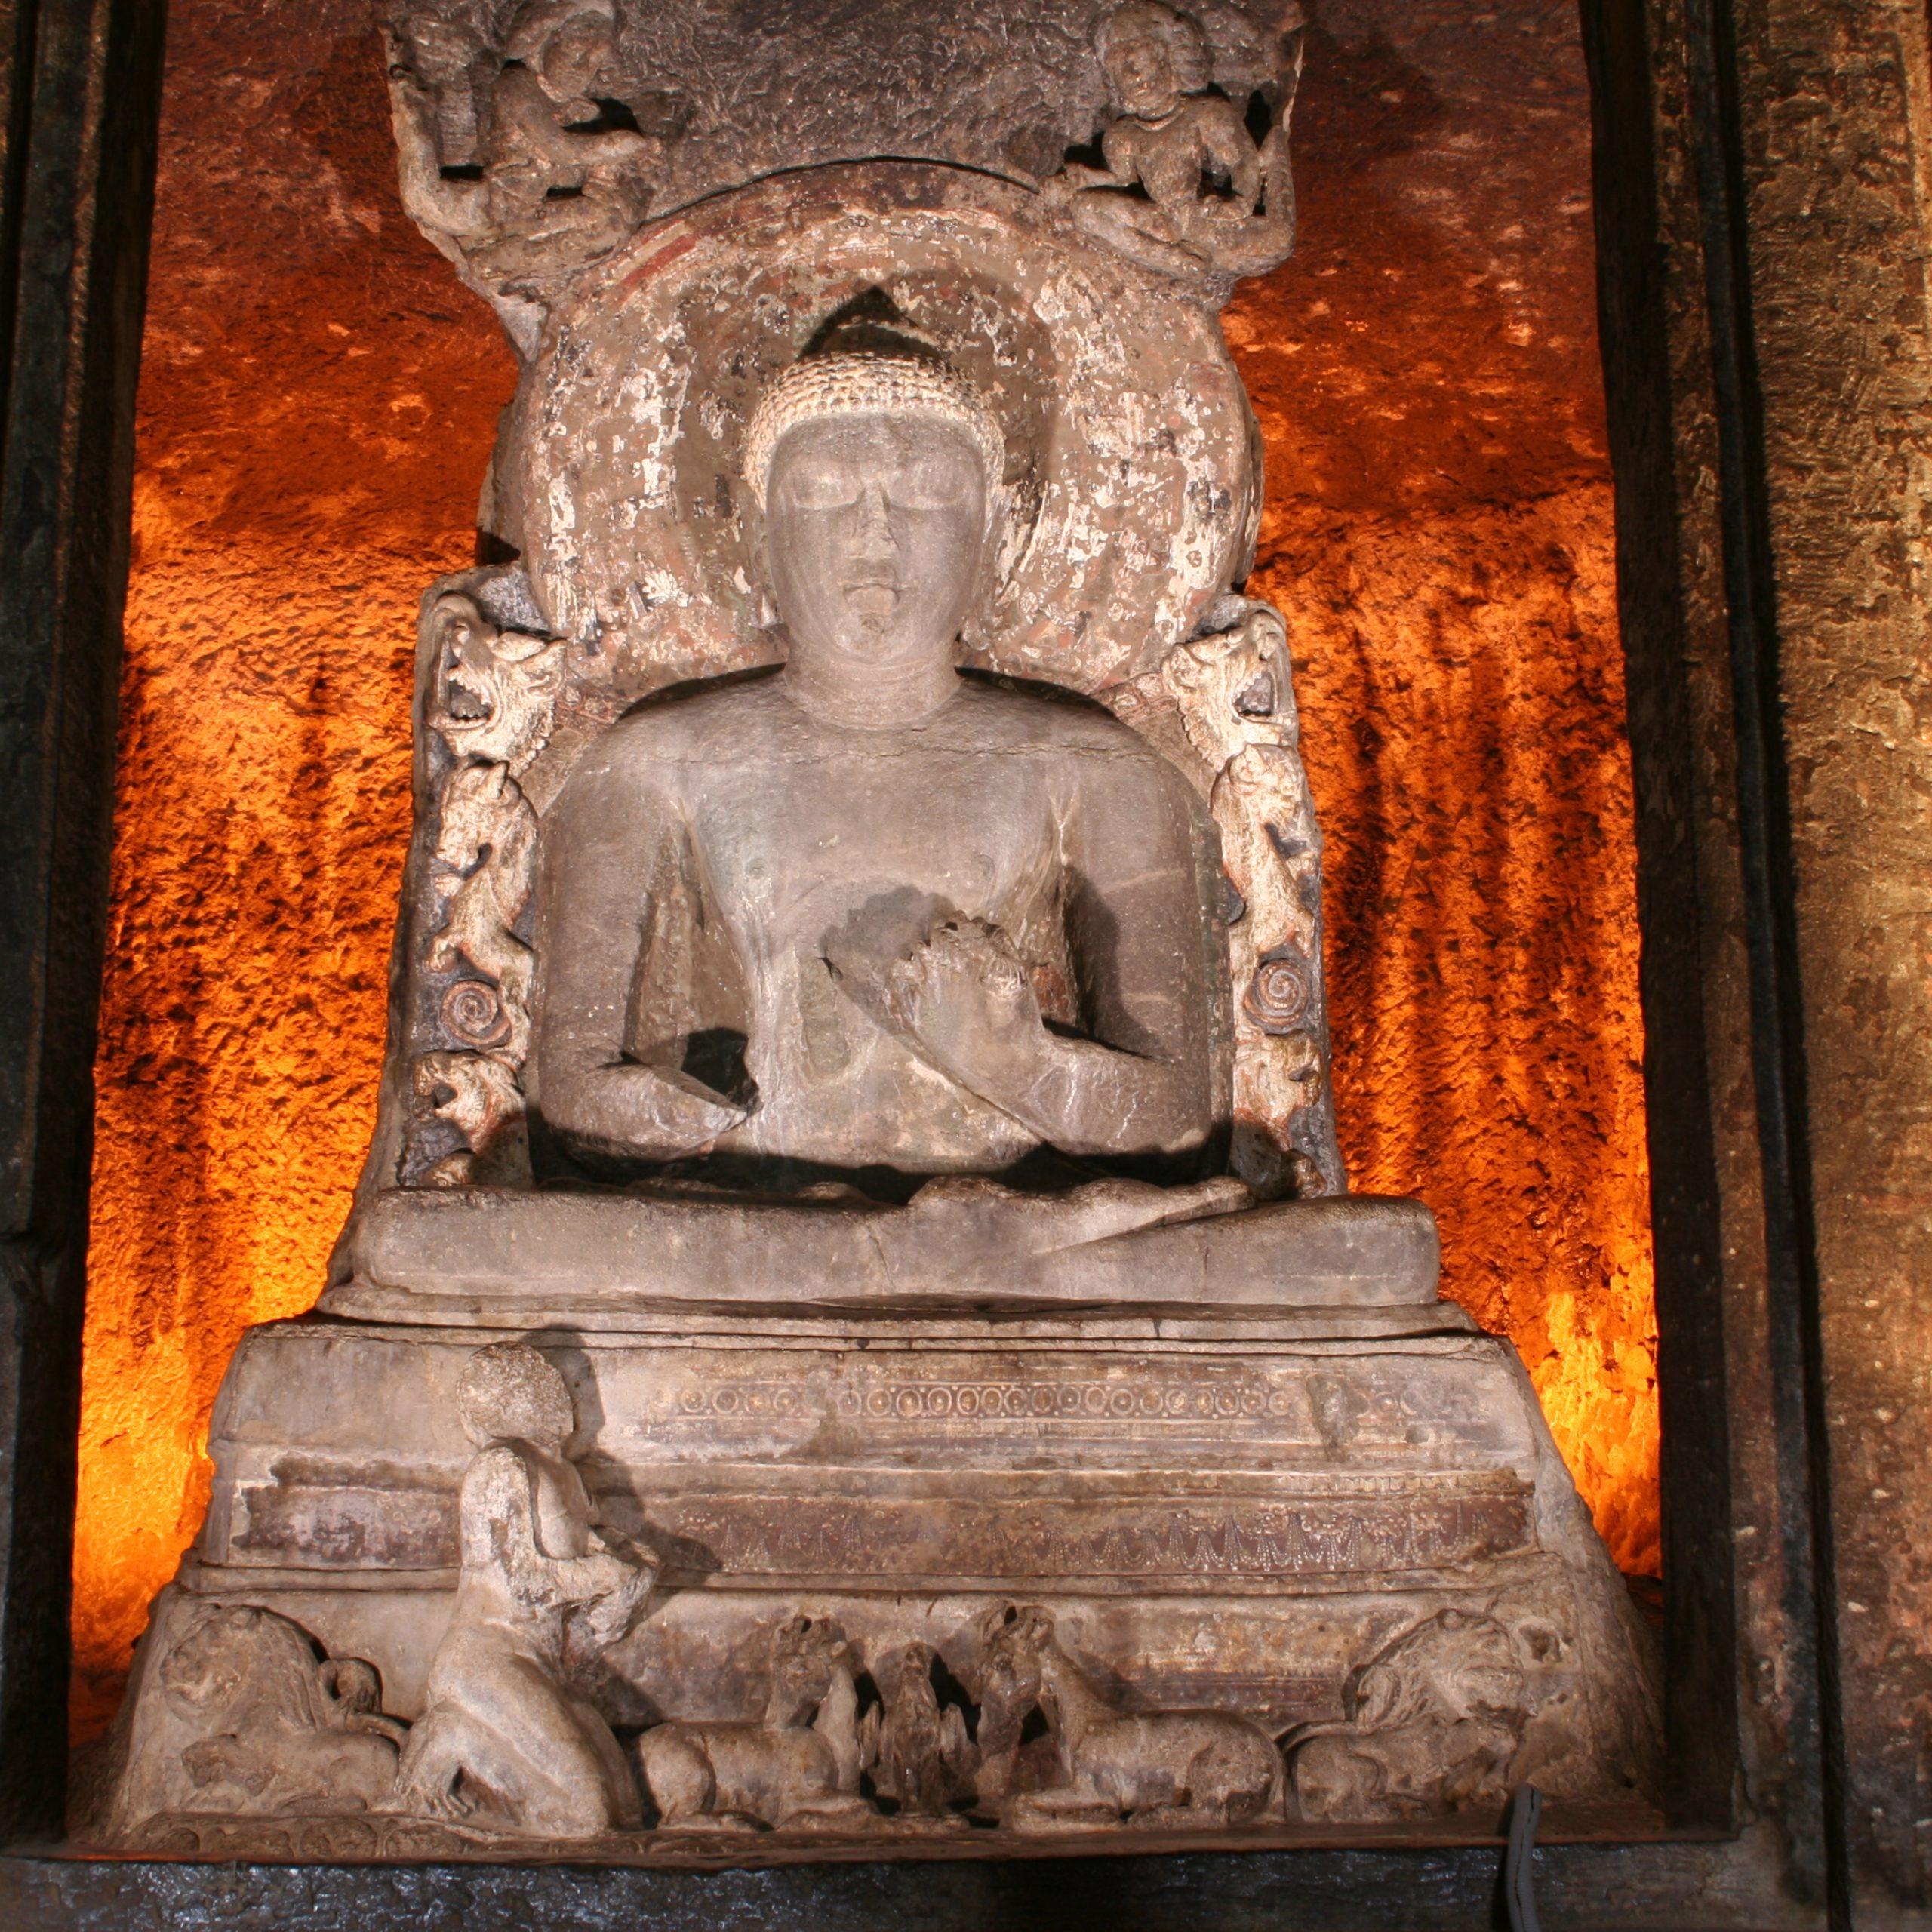 Jours 3 : Bombay – Aurangabad (vol puis 80 km - 2h de route)